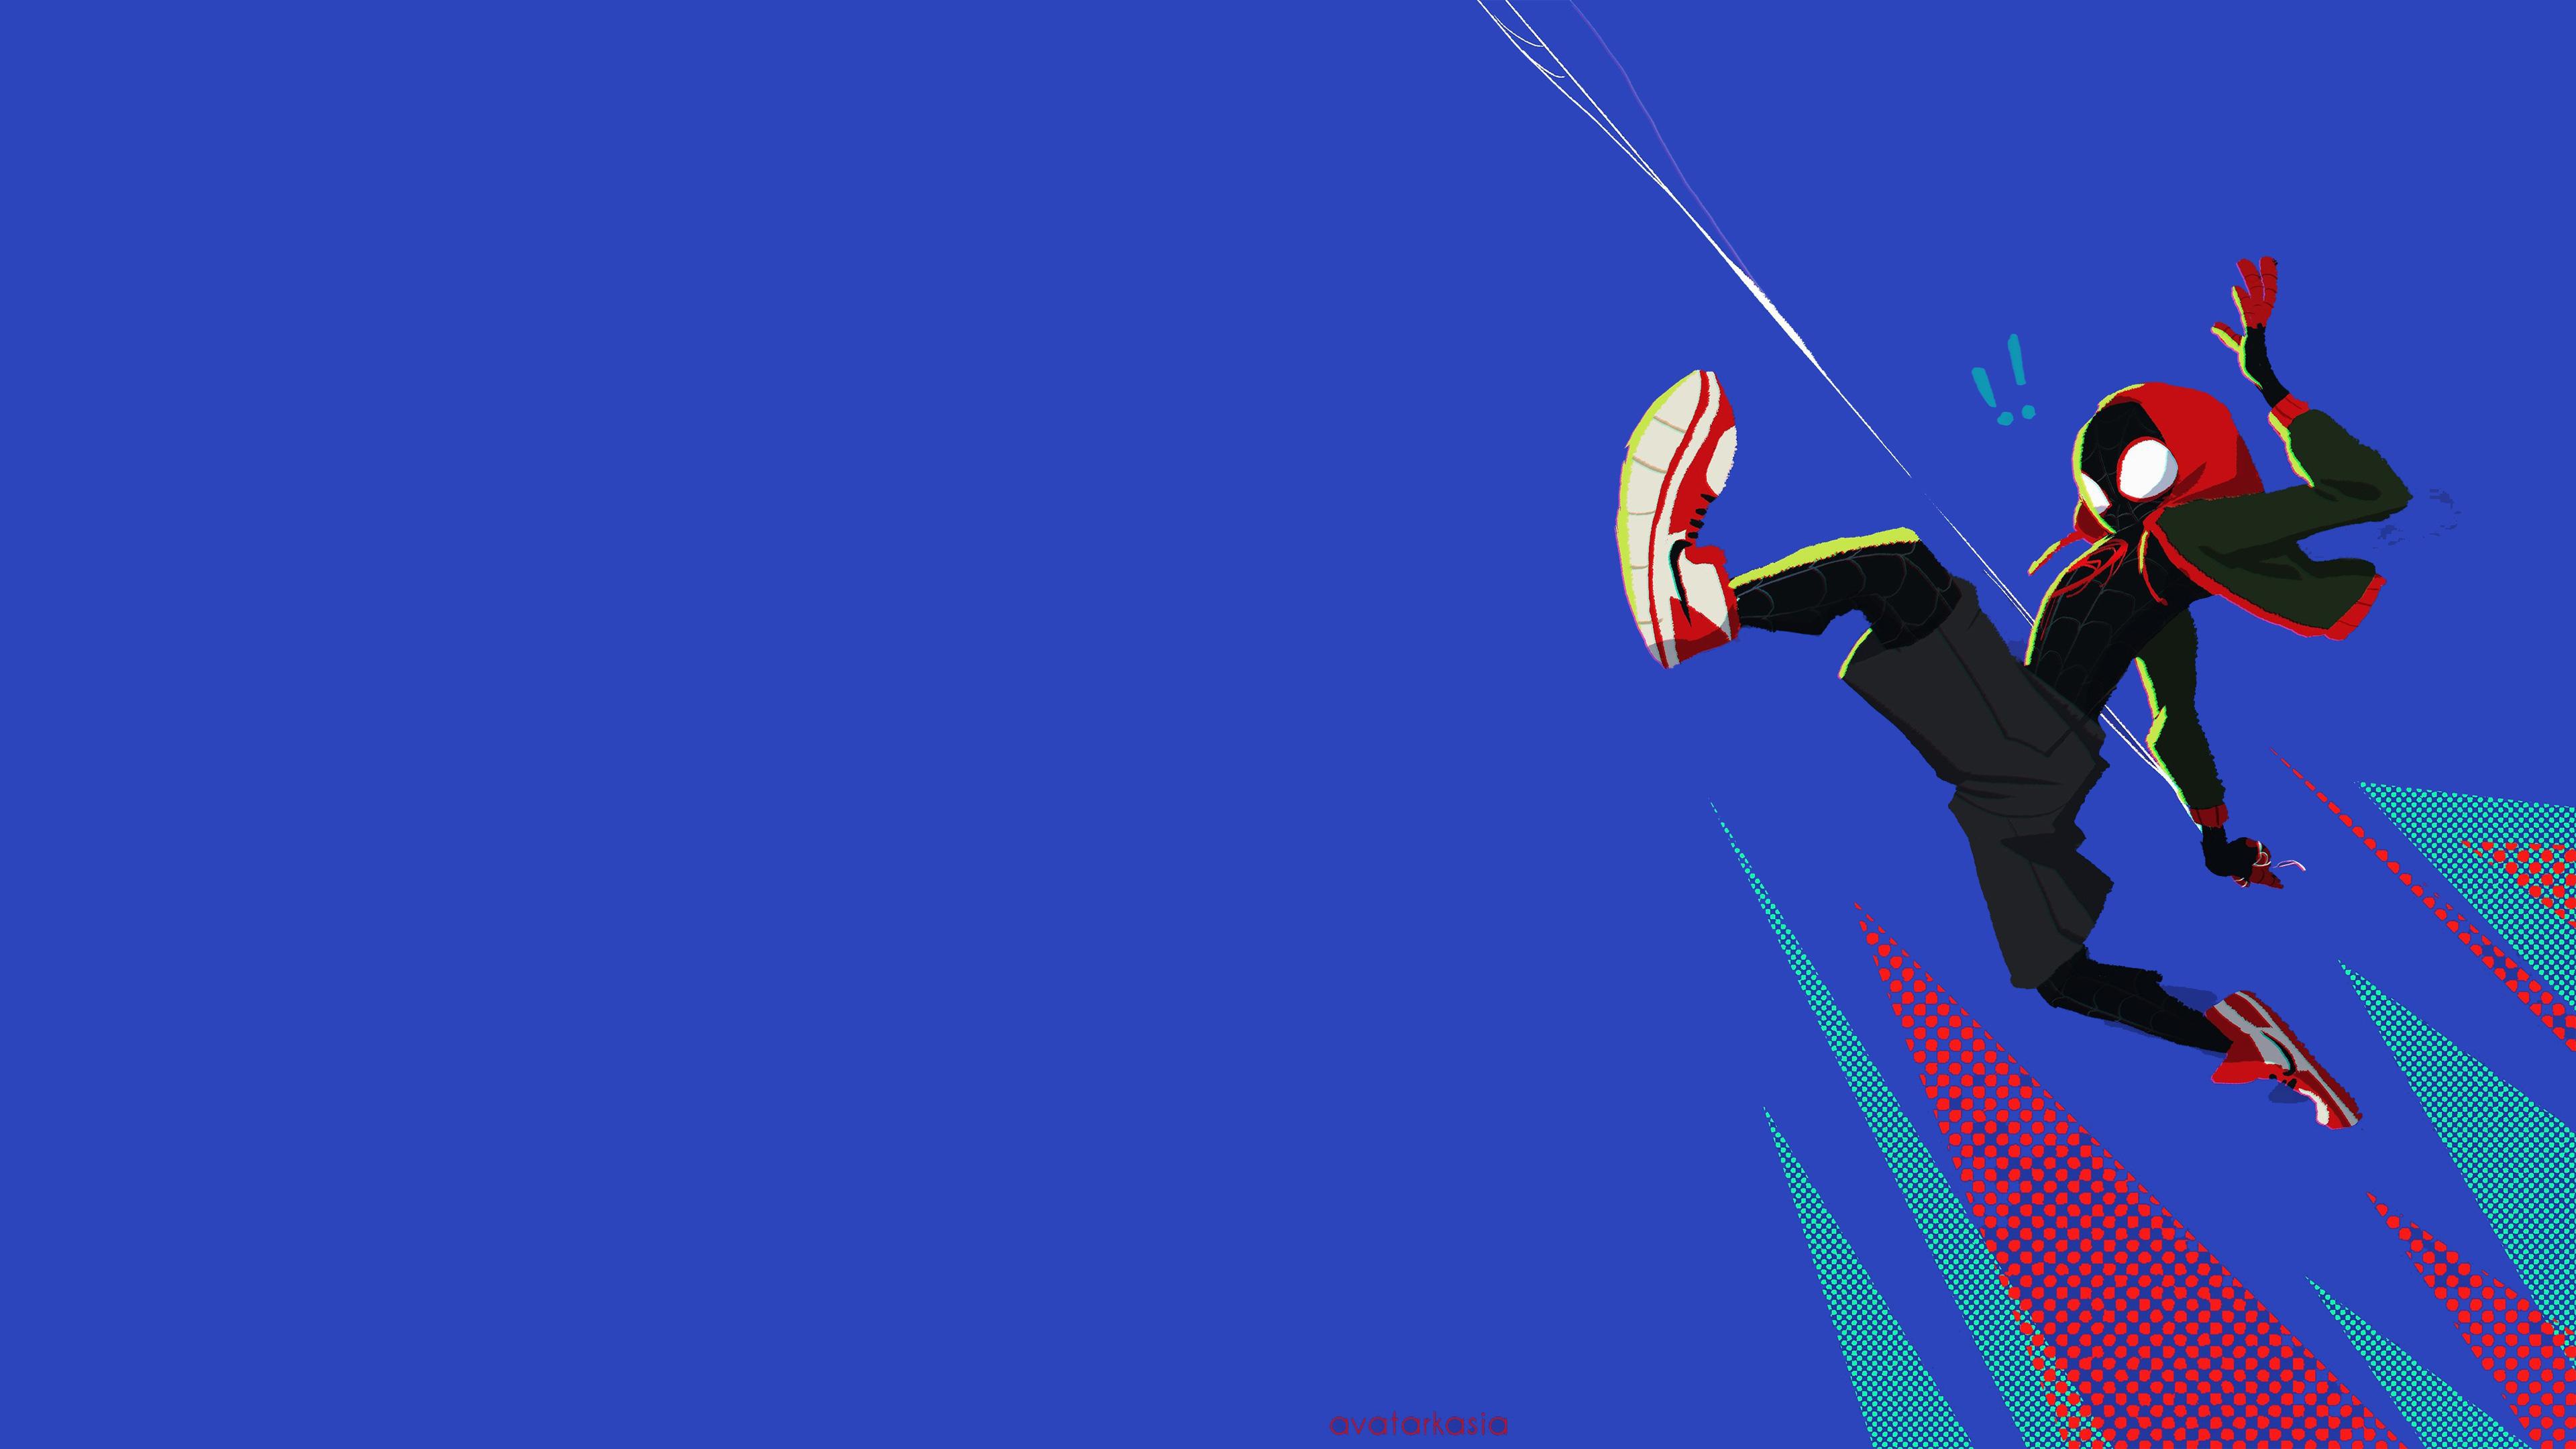 SpiderMan Into The Spider Verse Movie 4k 2018 Art, HD ...